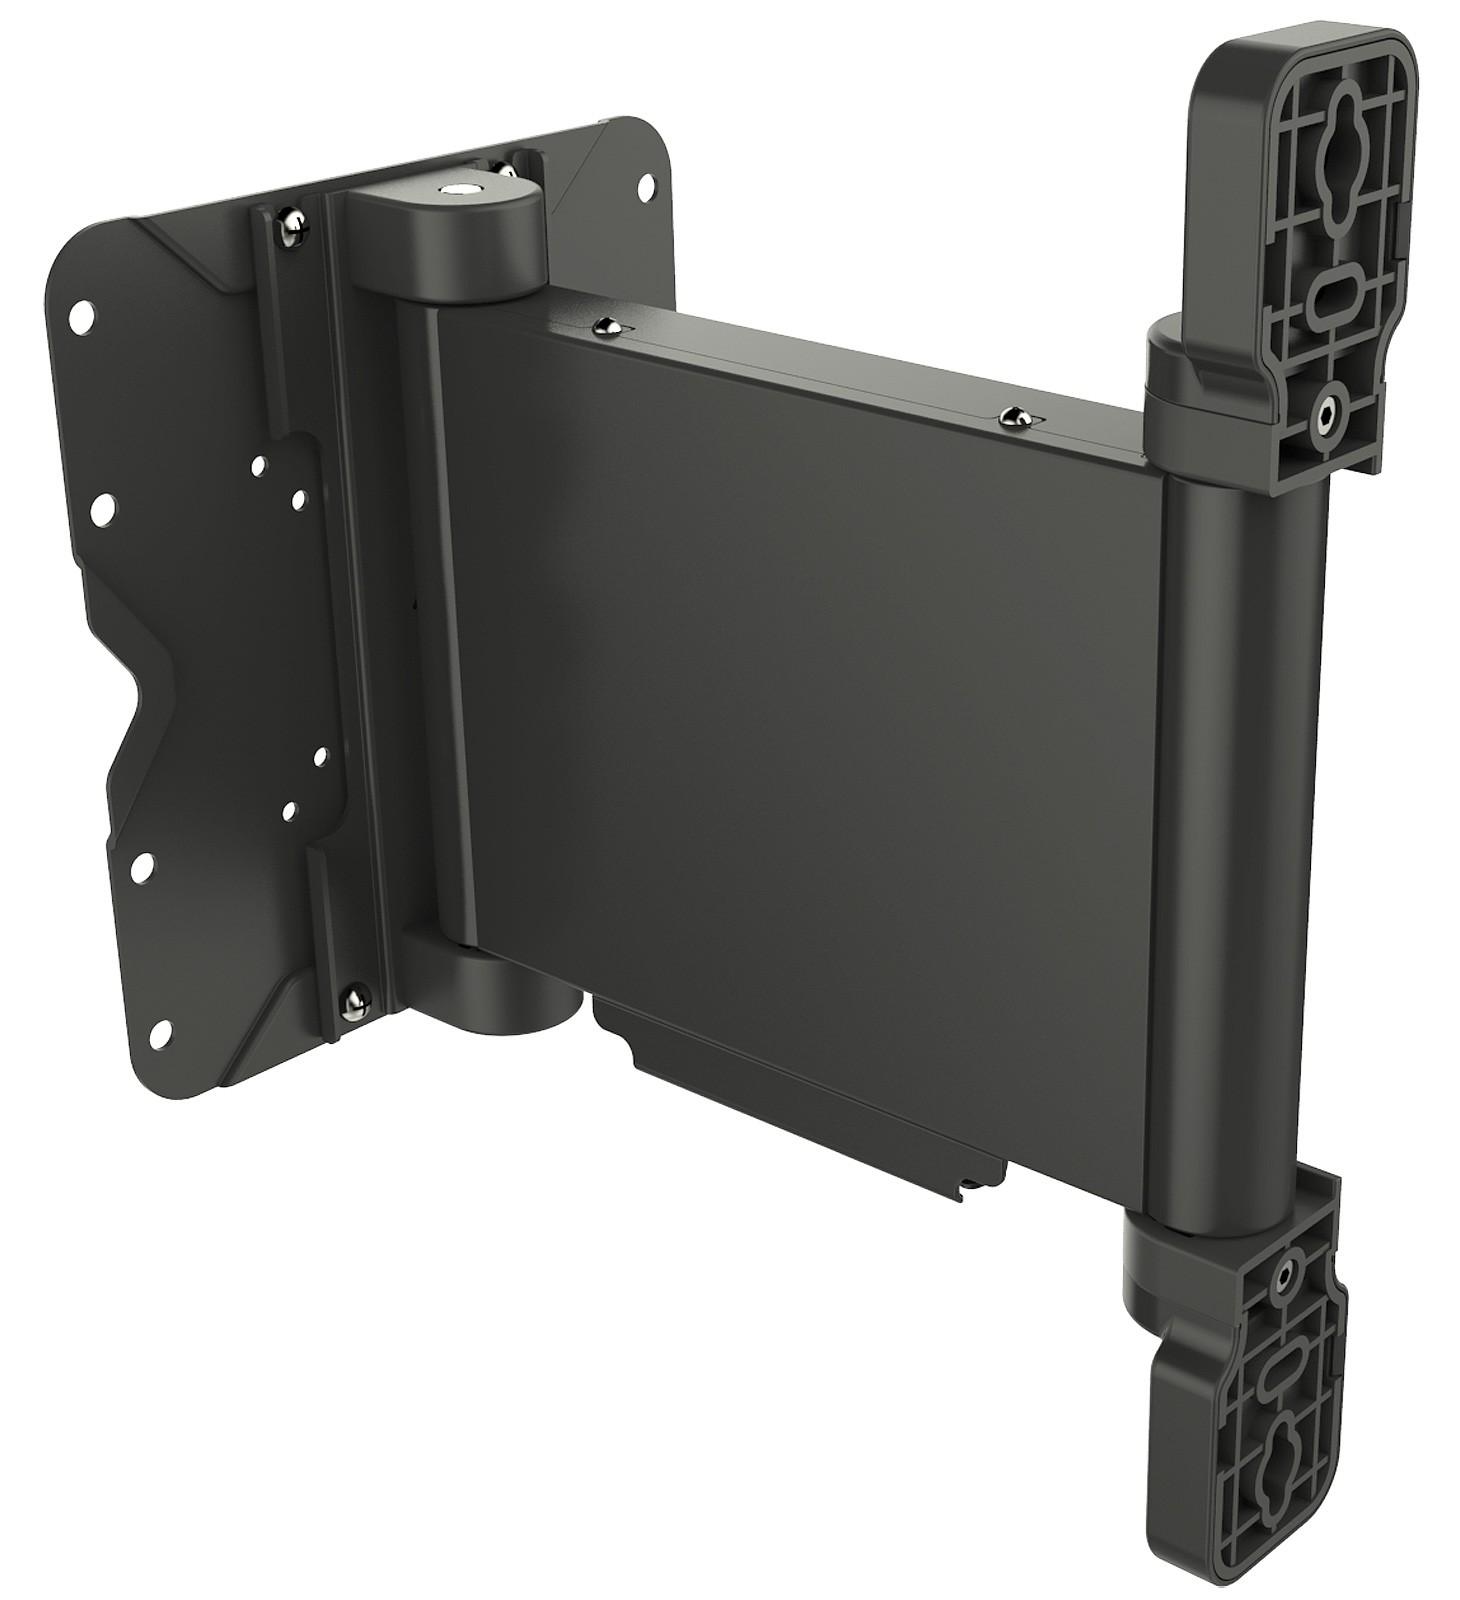 lcd tv wandhalter elektrisch schwenkbare halterung motor fernseher wandhalterung ebay. Black Bedroom Furniture Sets. Home Design Ideas